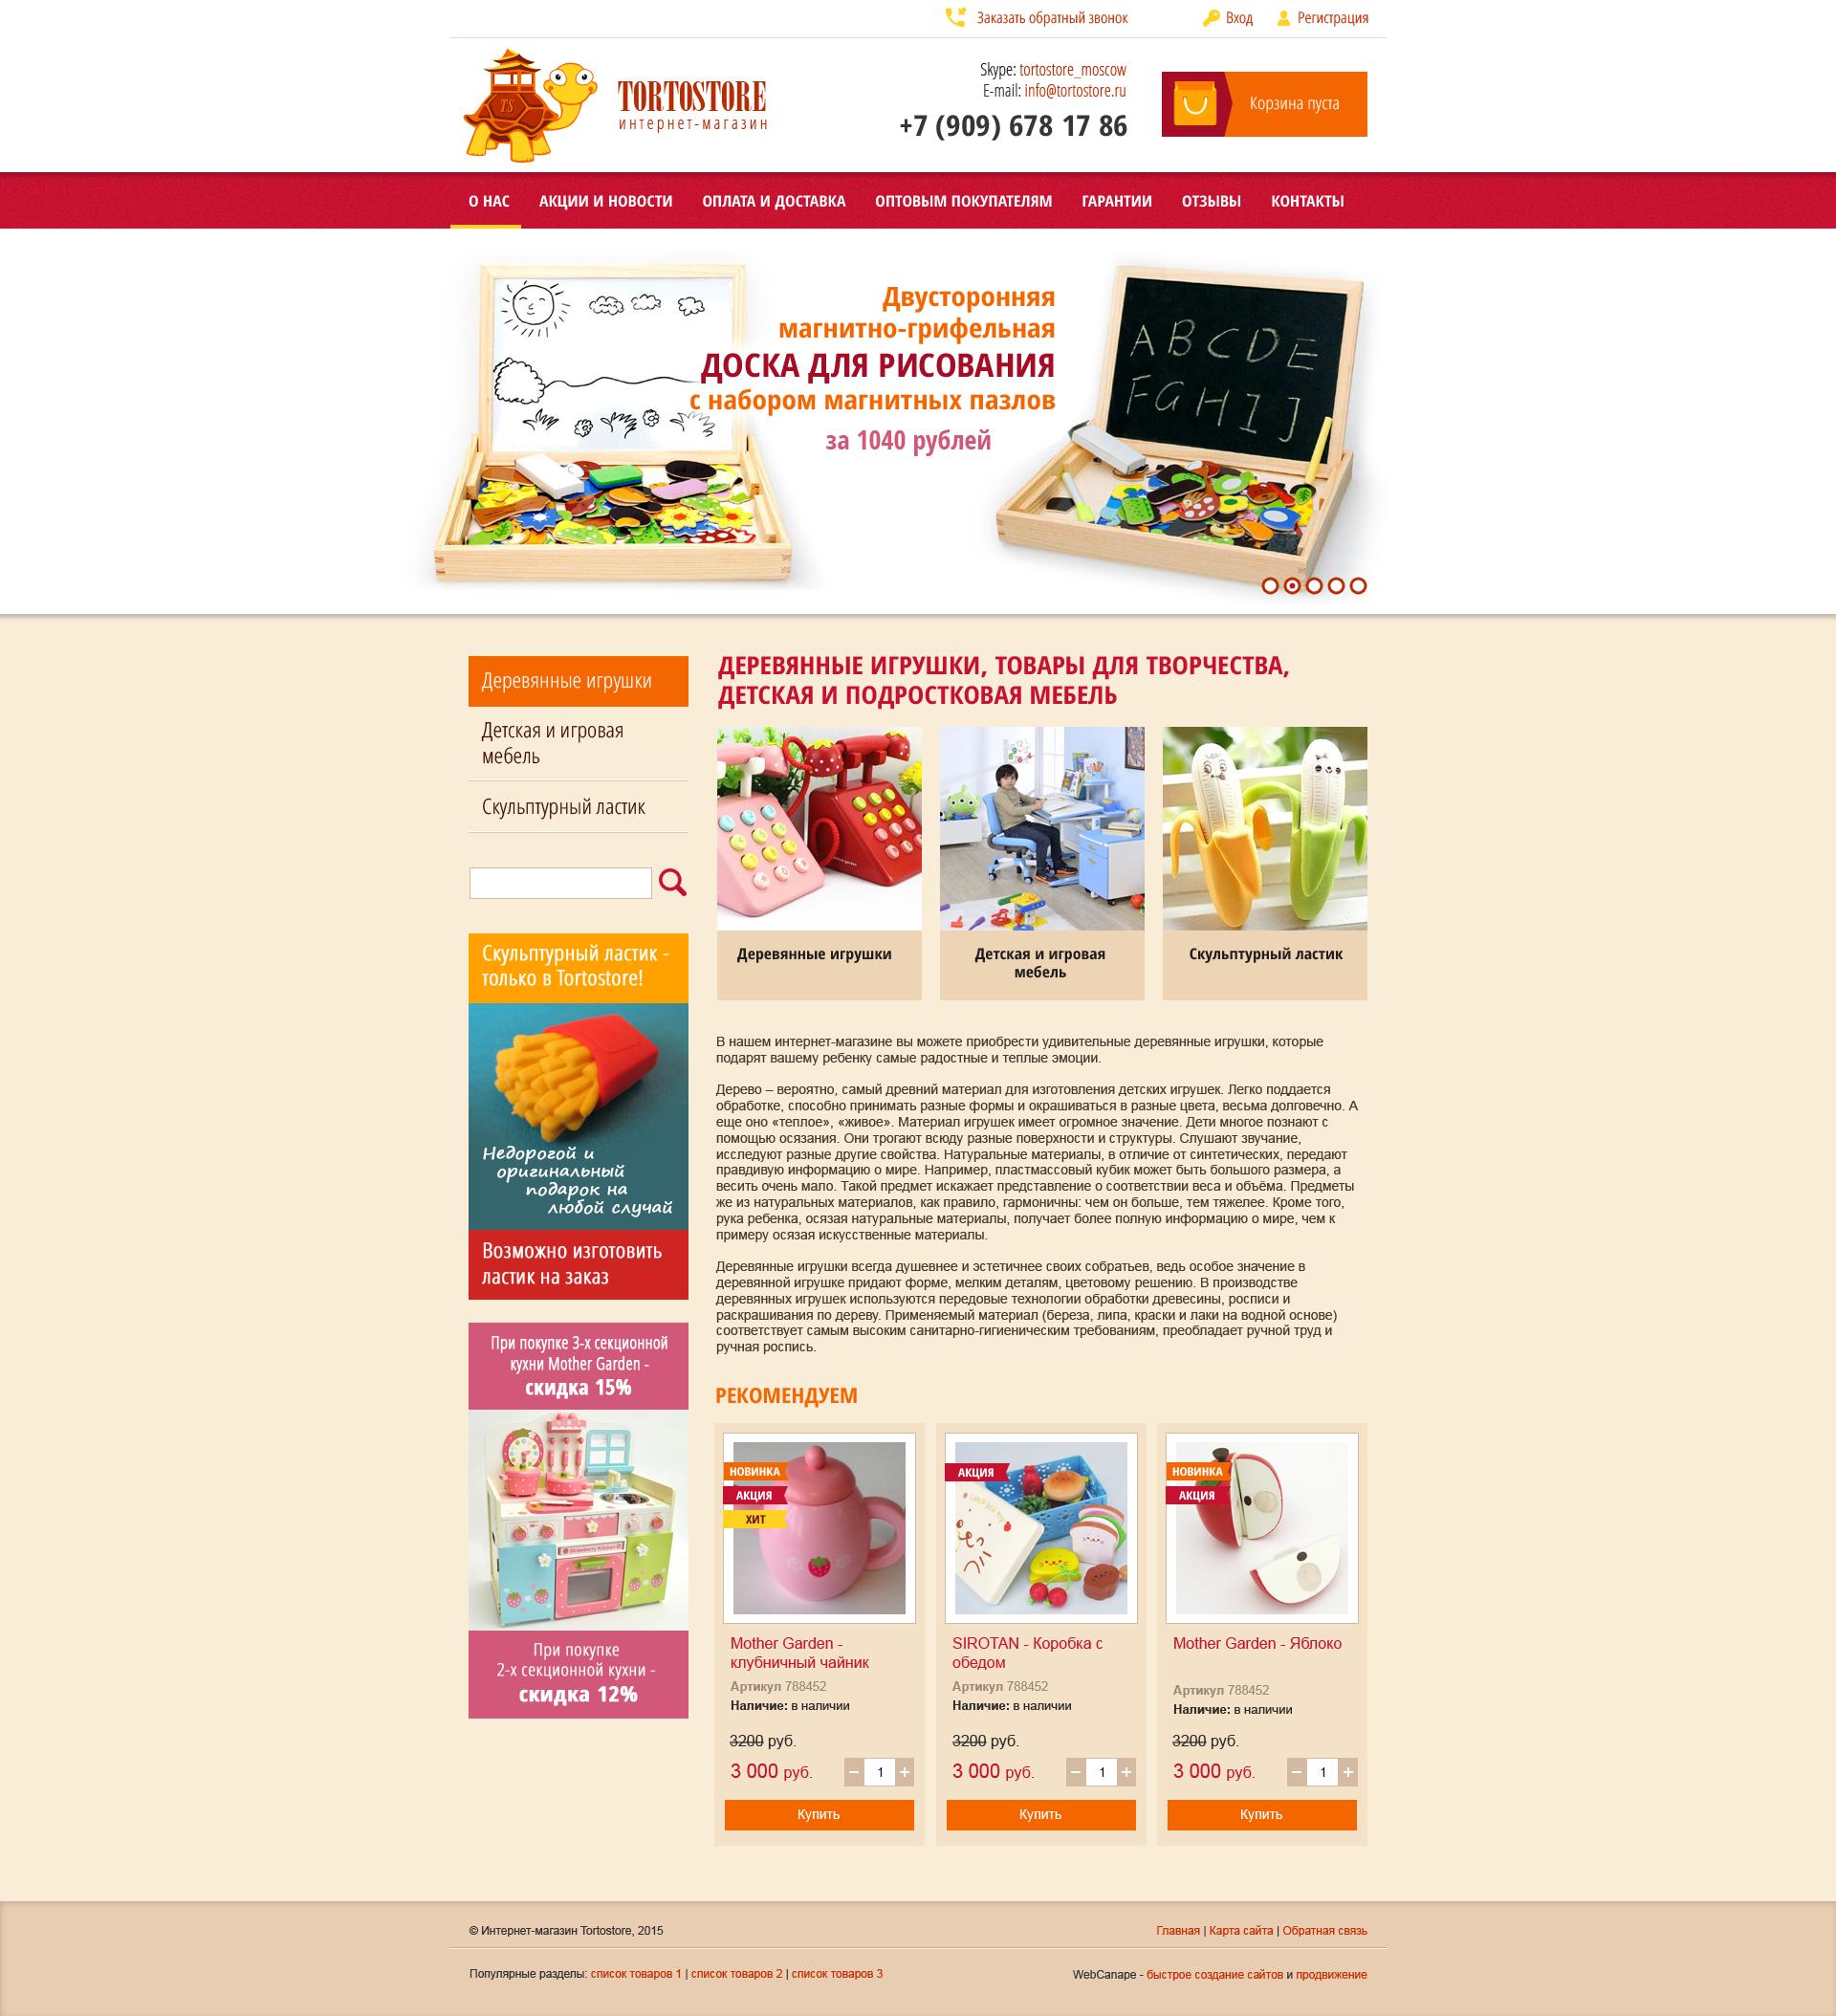 Создание интернет-магазина деревянных игрушек, товаров для творчества и детской мебели